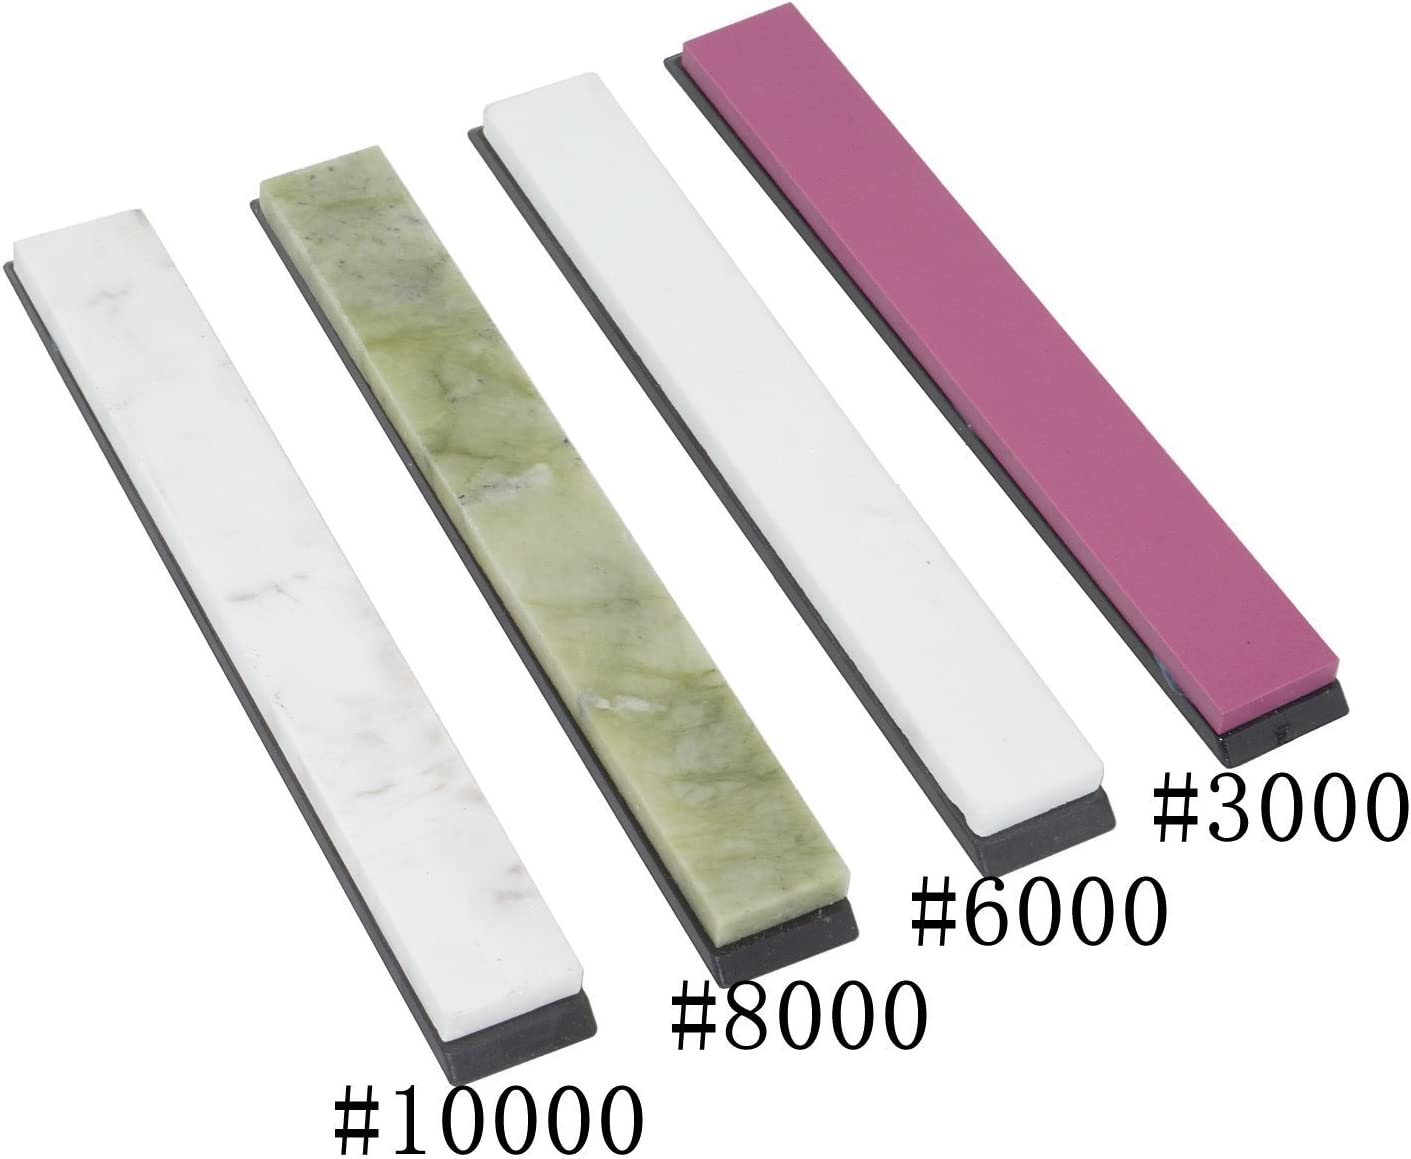 4er Set #3000 #6000 #8000 #10000 /Ölsteinsch/ärfer mit Sockel Messersch/ärfsteine Wetzstein-Set 15/x/2/x/0,5/cm ca